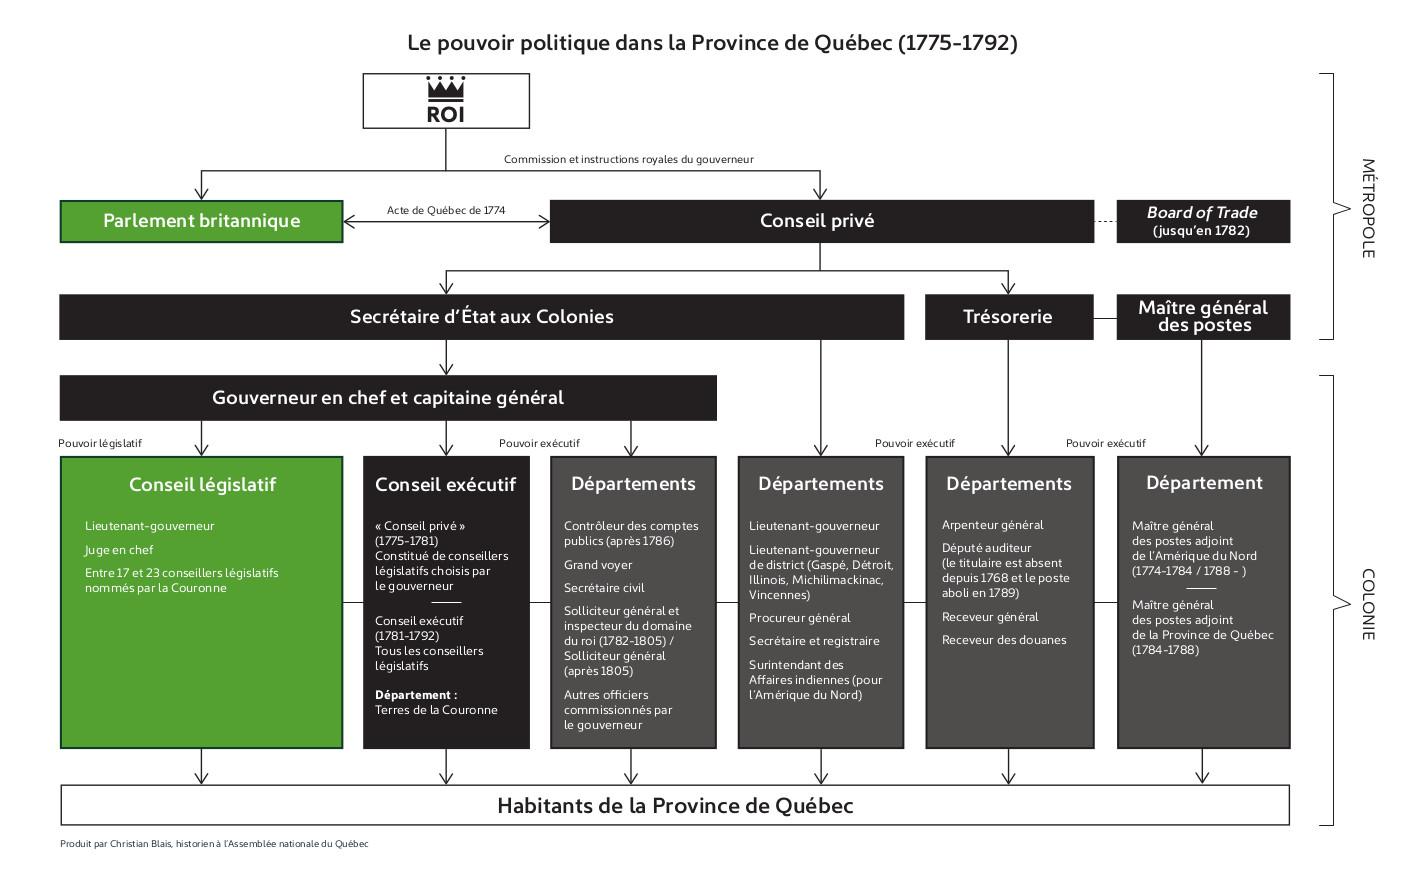 1775-1792 : Le gouvernement colonial de la Province de Québec